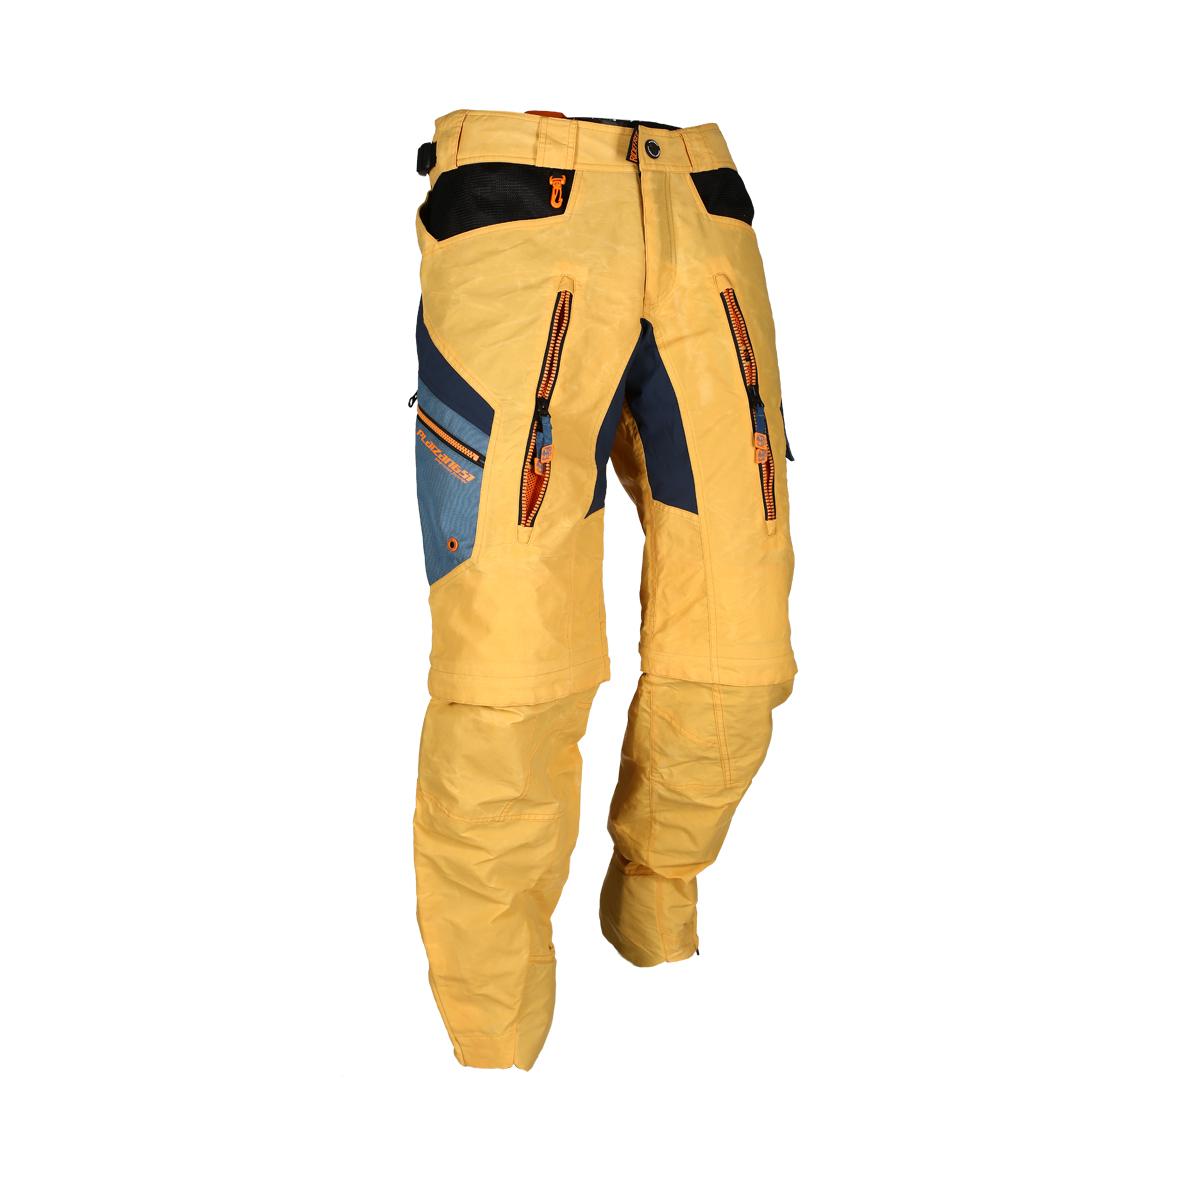 Platzangst Bulldog MTB / Enduro / Downhill Hose in Größe XS bis XL *UPDATE* Größe S, L und XL für 59,90€